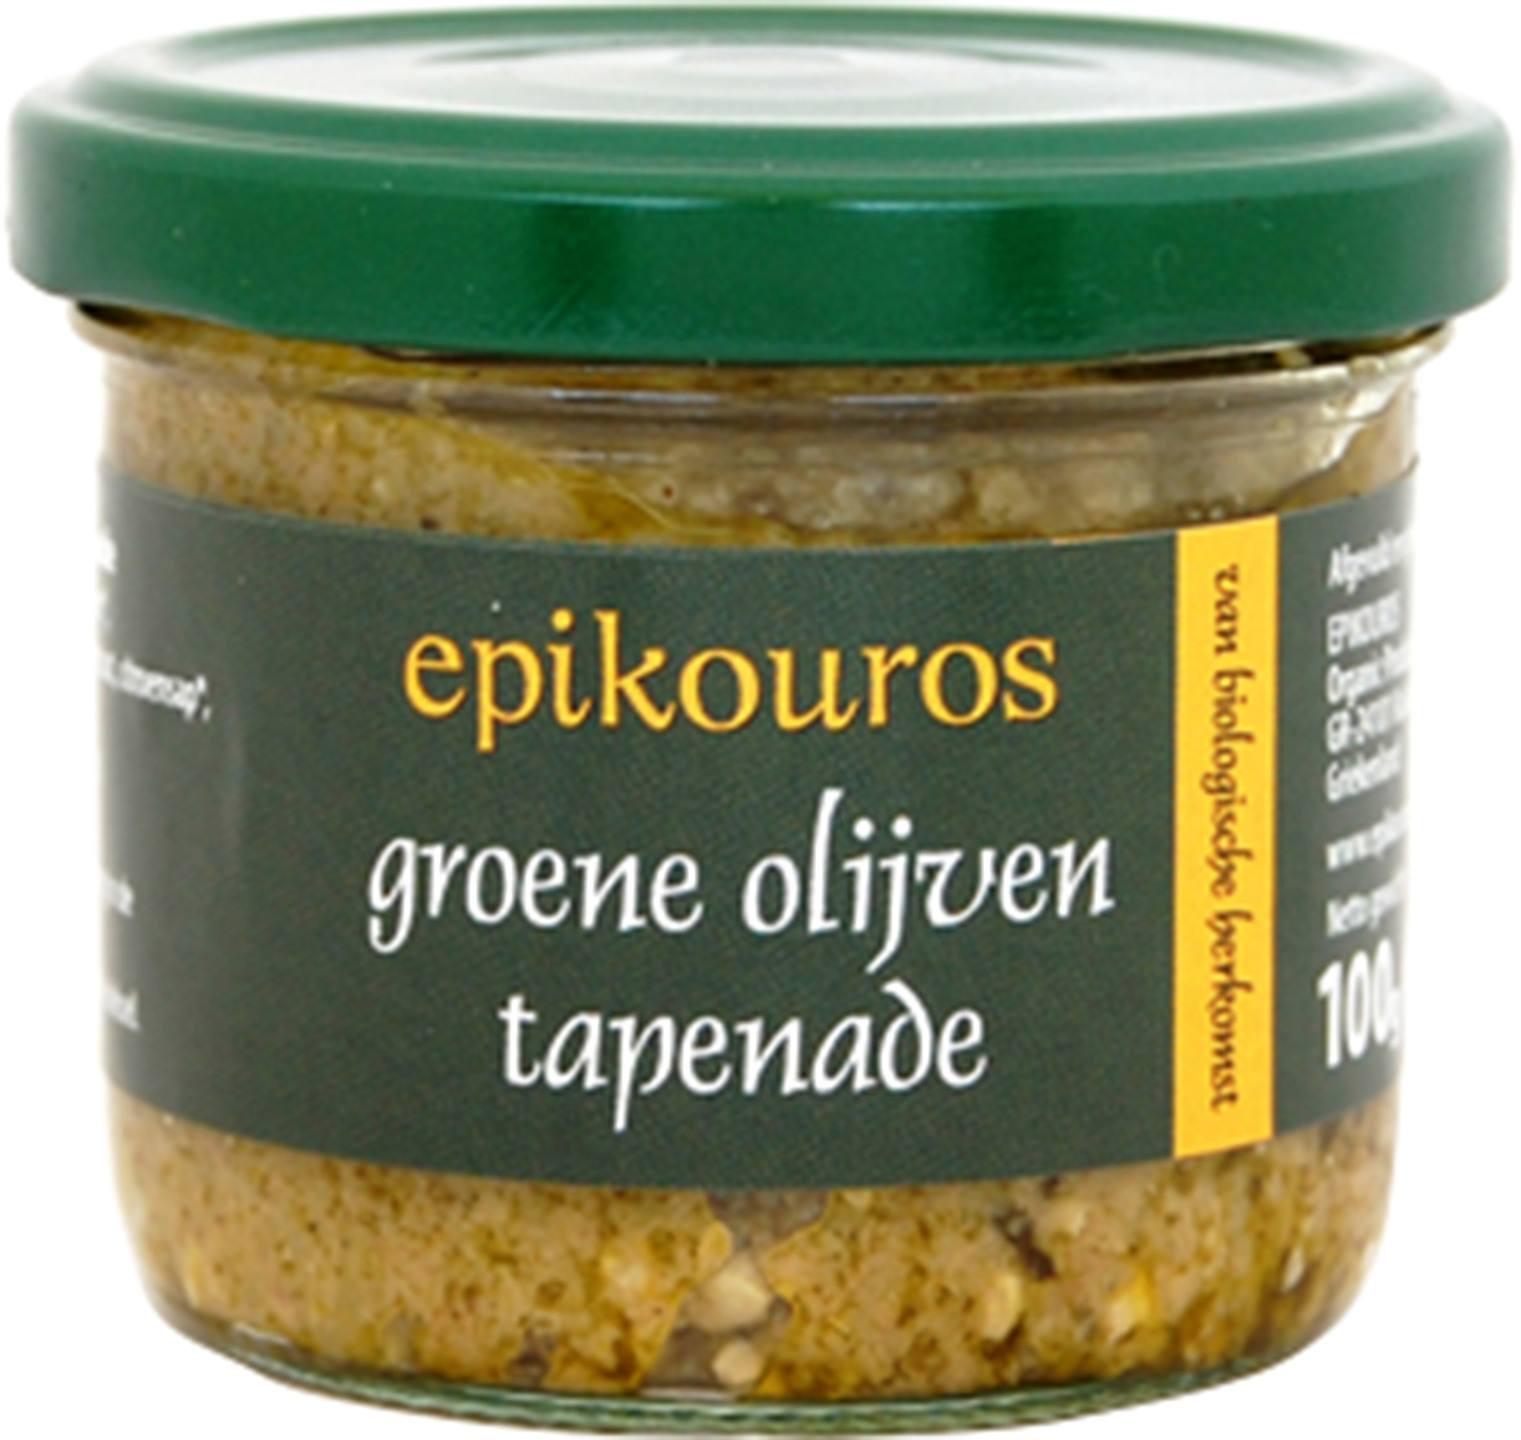 Biologische Epikouros Groene olijven tapenade 100 gr